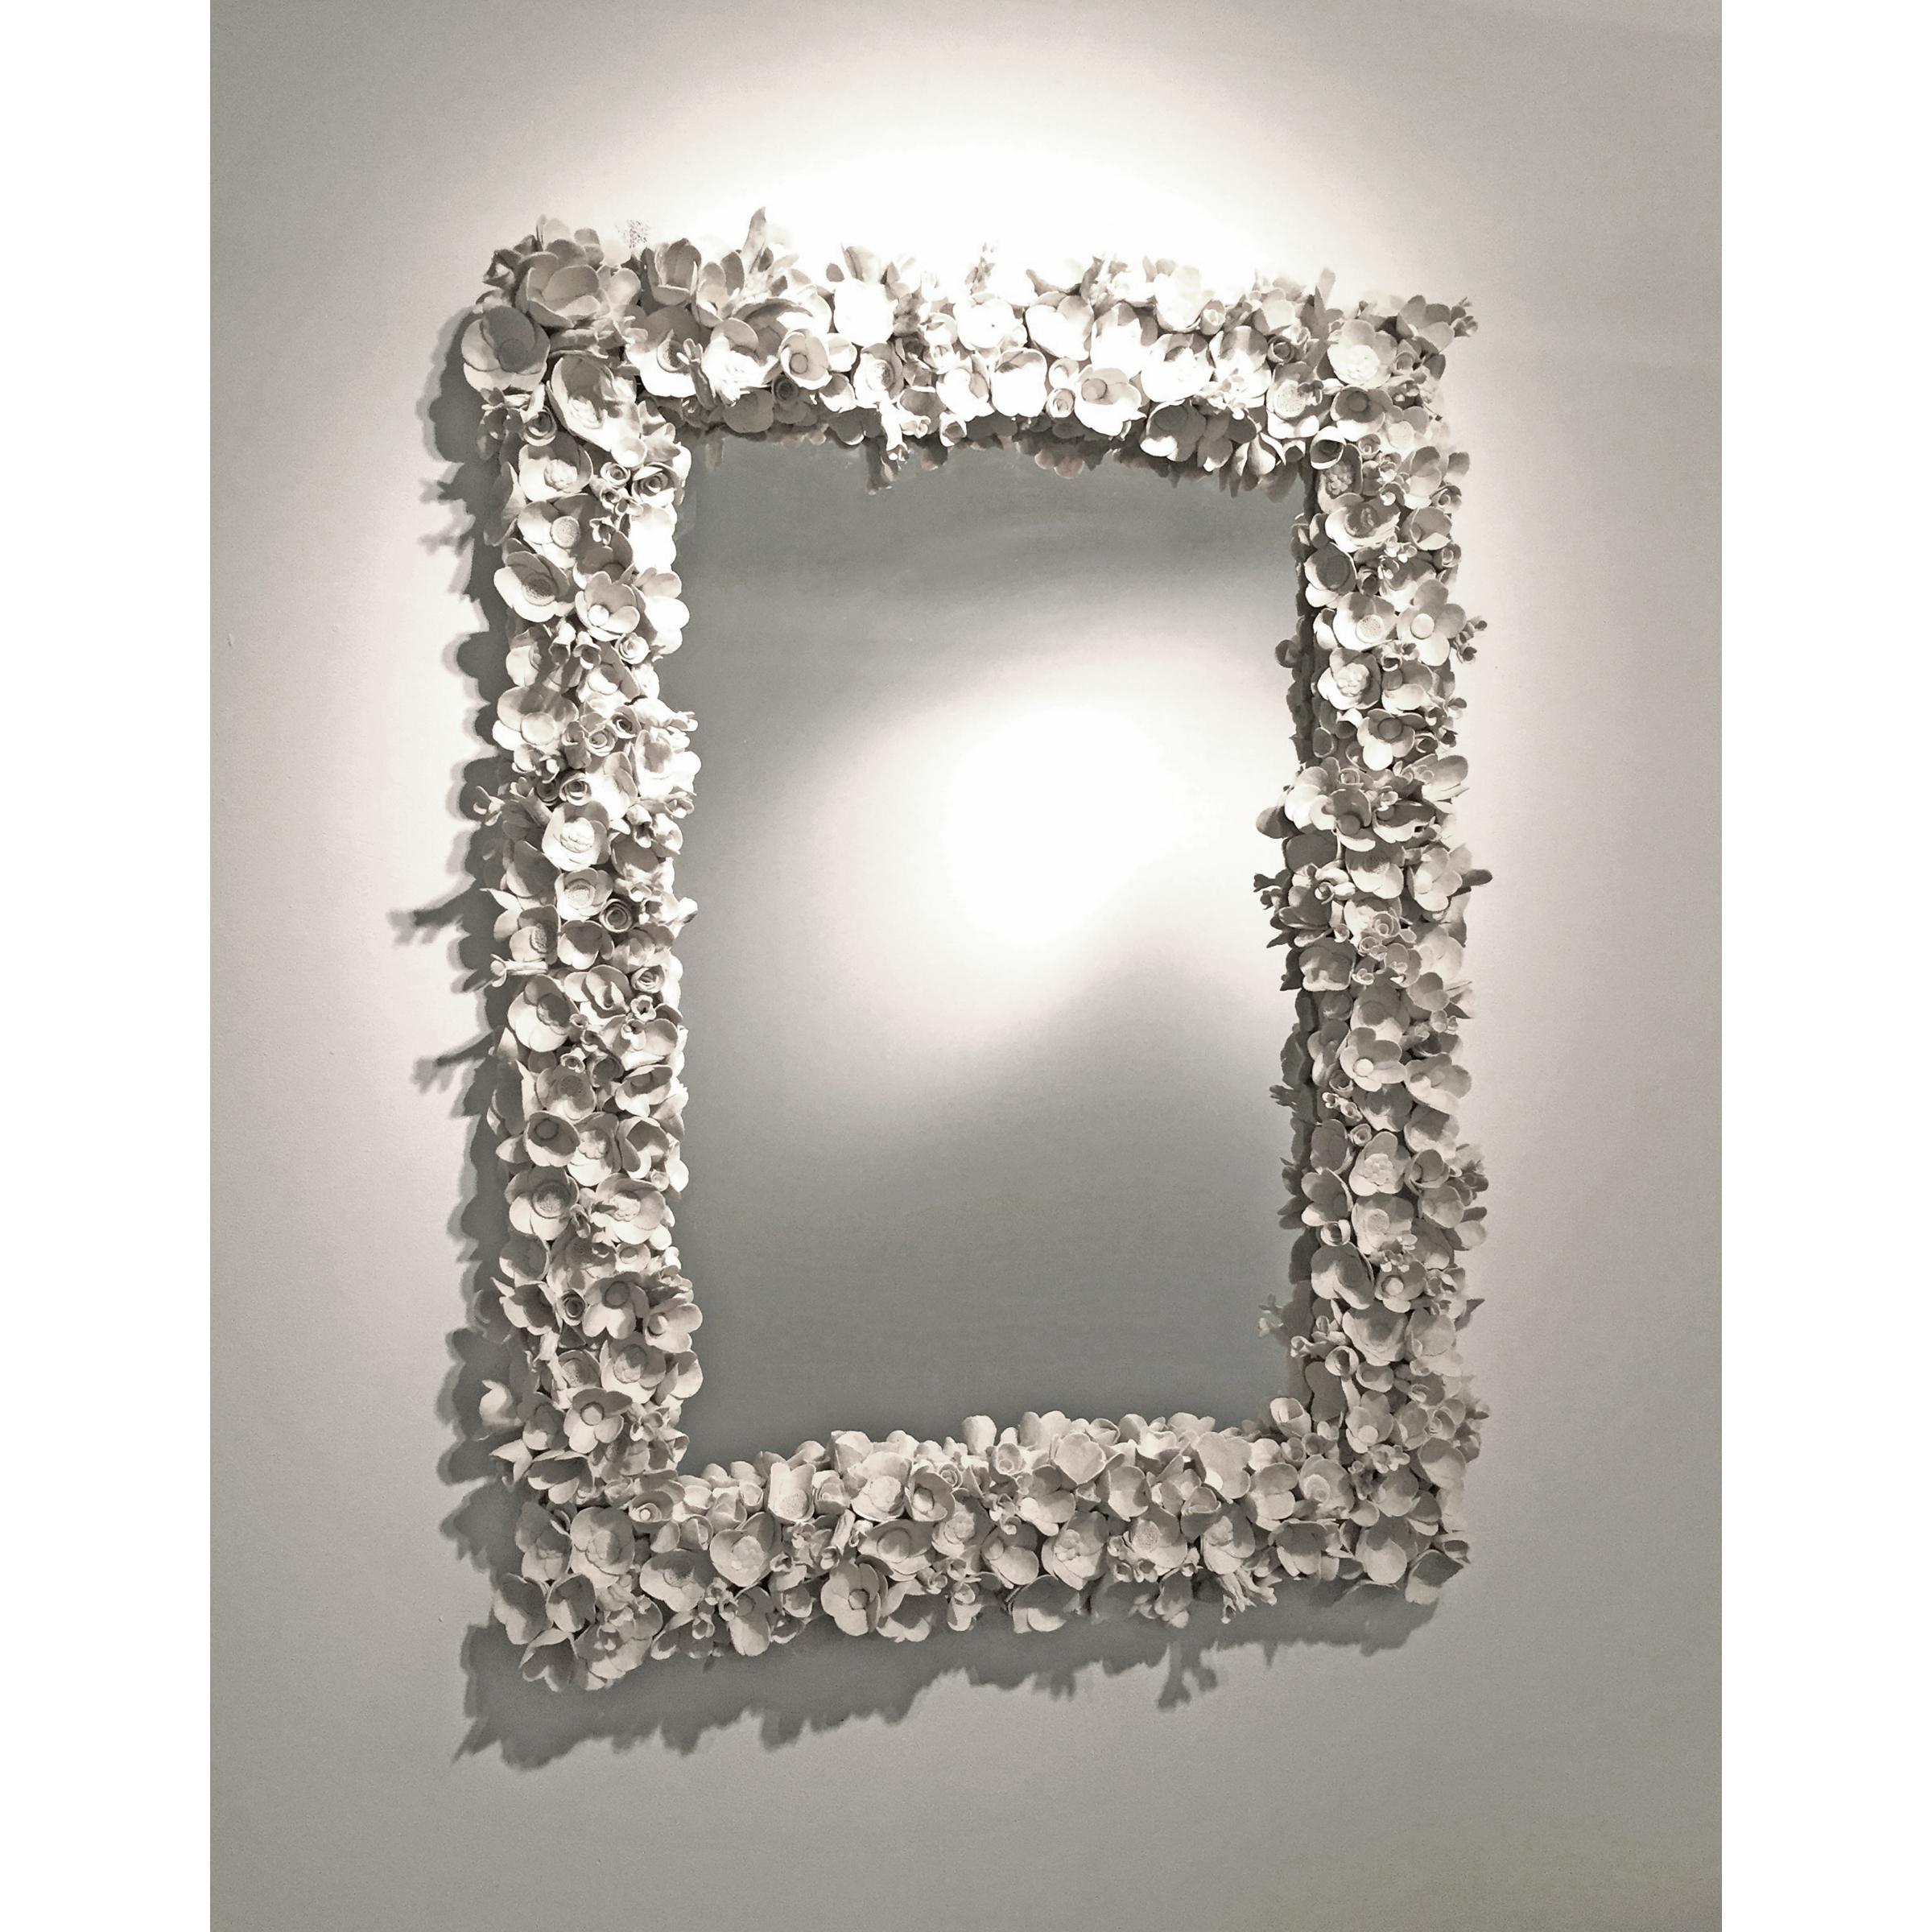 Flower Collage Mirror